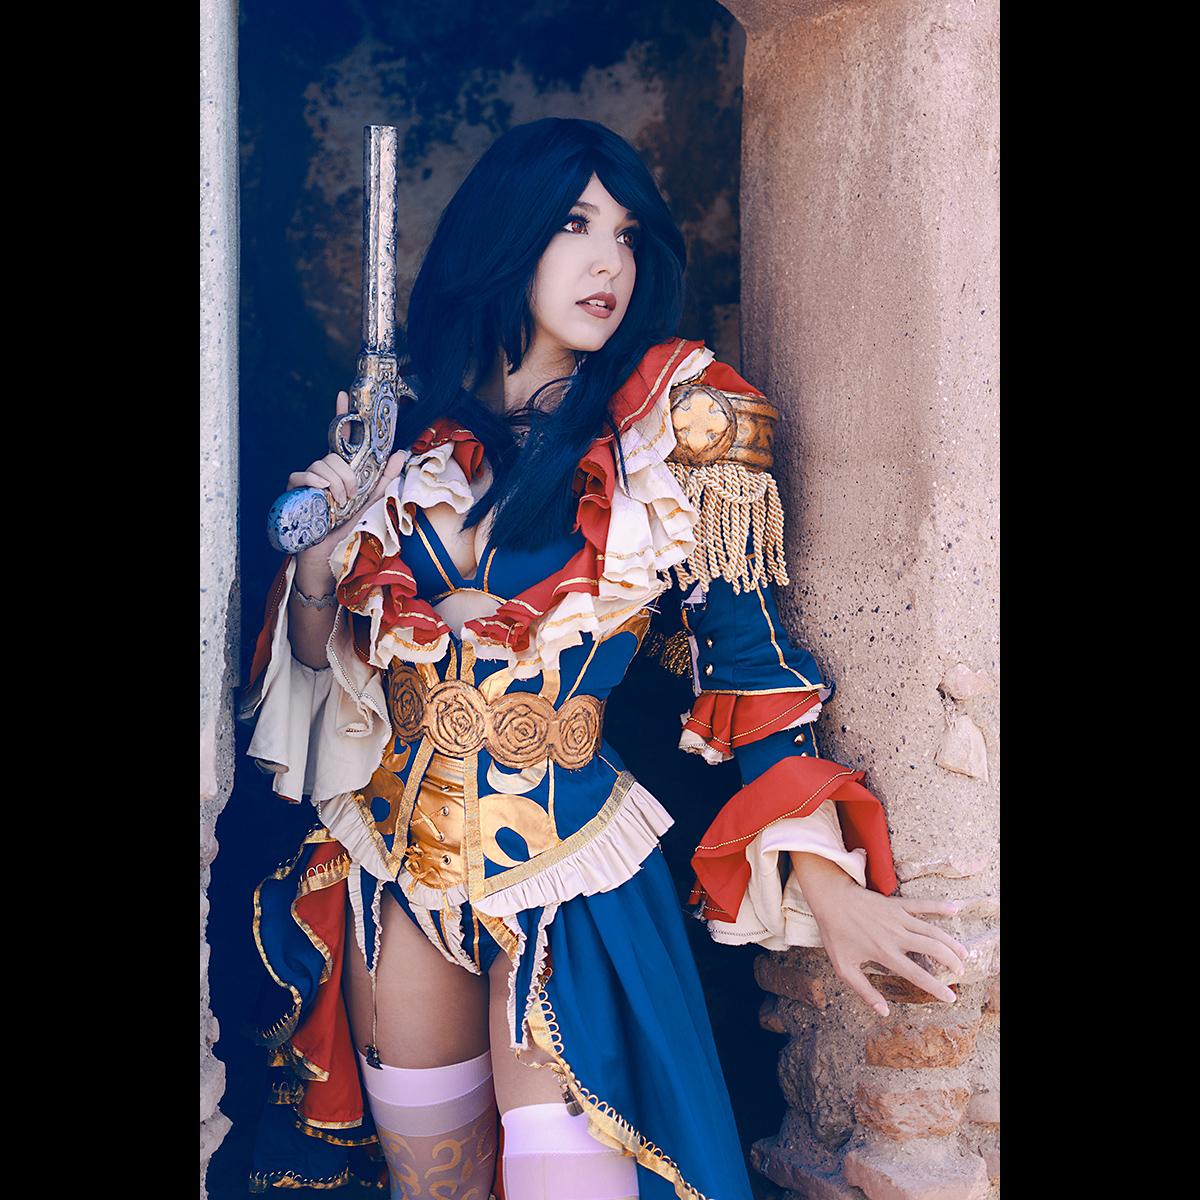 Łukasz Liszko - fotografia cosplay - Shermie - Musketeer Granado Espada